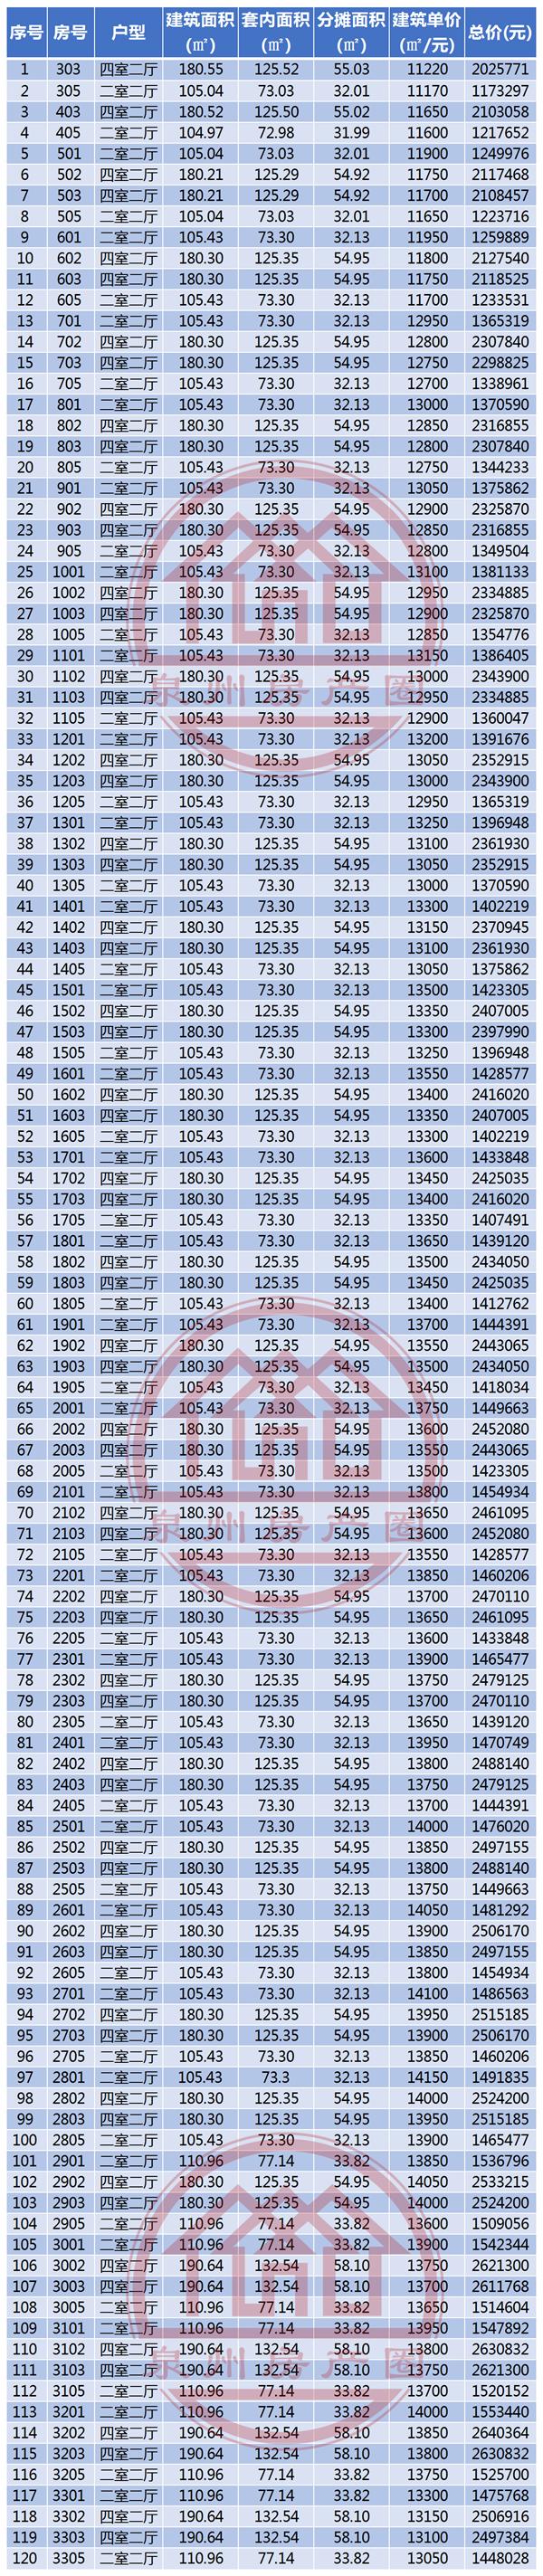 海宸尊域商品房房源信息表(2期4-5号楼拟报备案价格)5.png